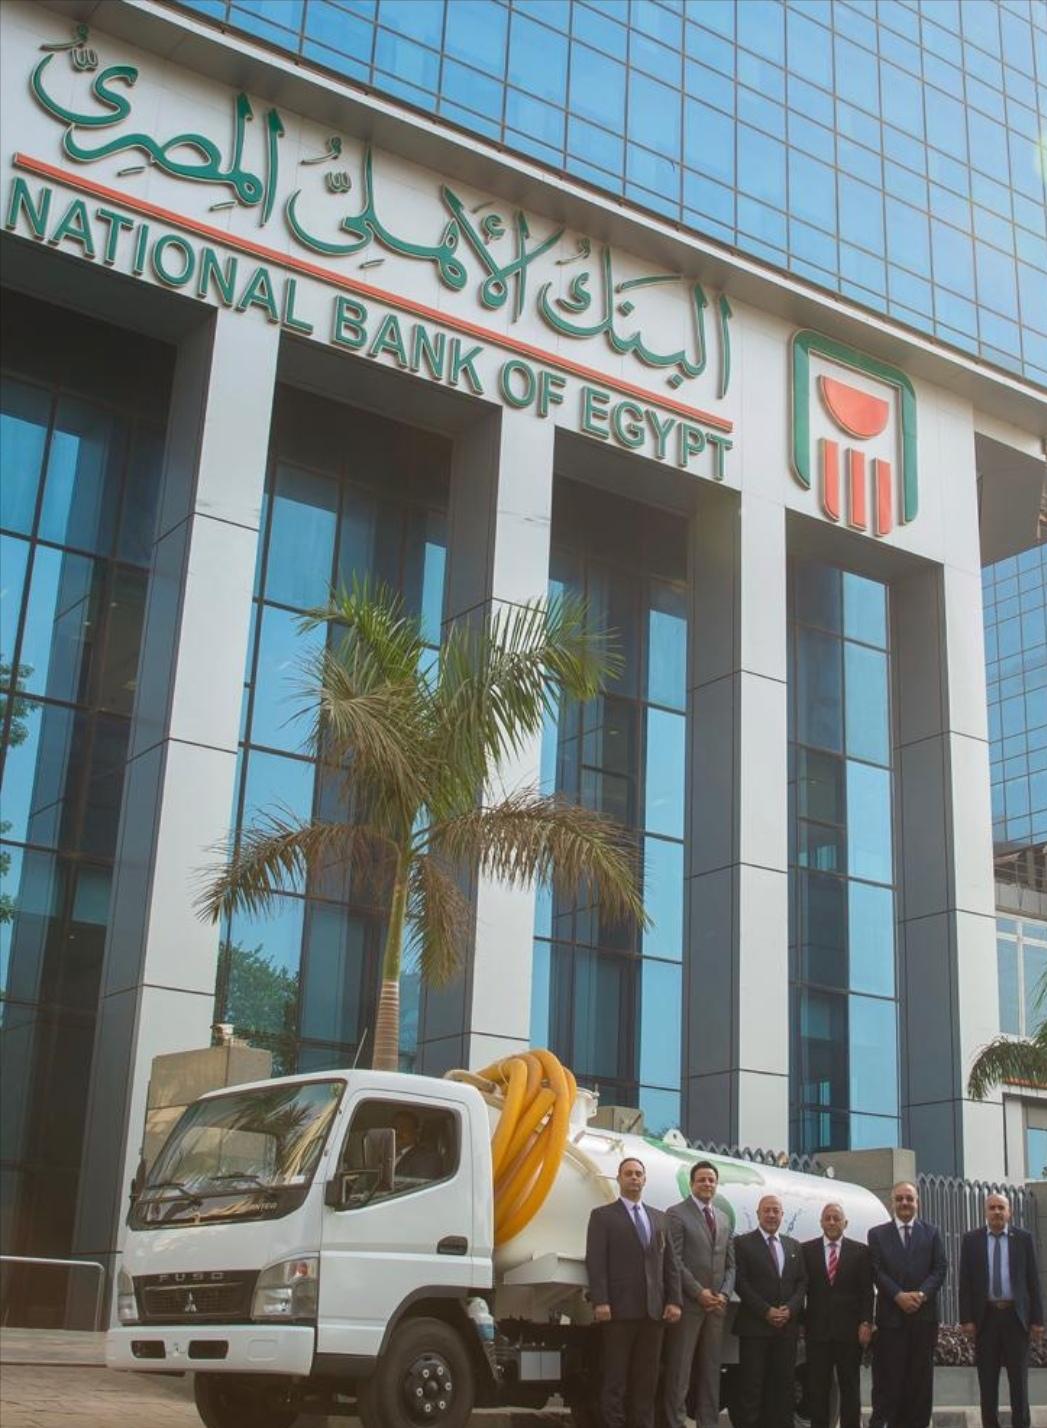 البنك الأهلي المصري يقوم بإهداء سيارة شفط مياه الي محافظة القاهرة